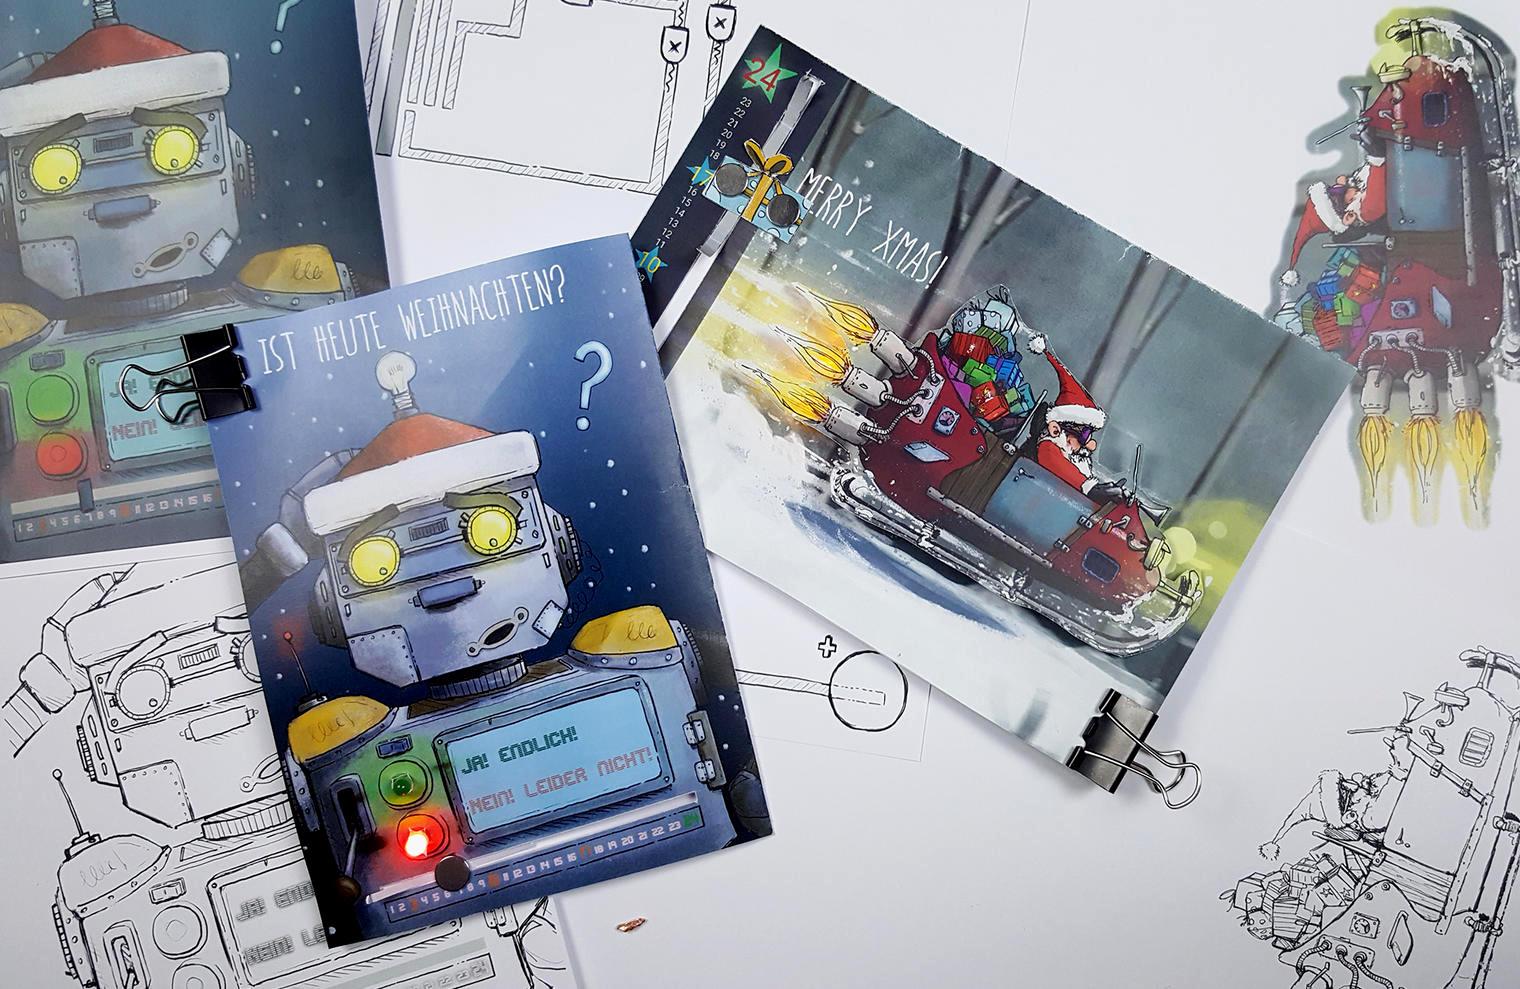 Ausmalbilder Zum Ausdrucken Autos Neu Schiffe Versenken Vorlage Auto Bilder Zum Ausdrucken Elegant Nissan Galerie